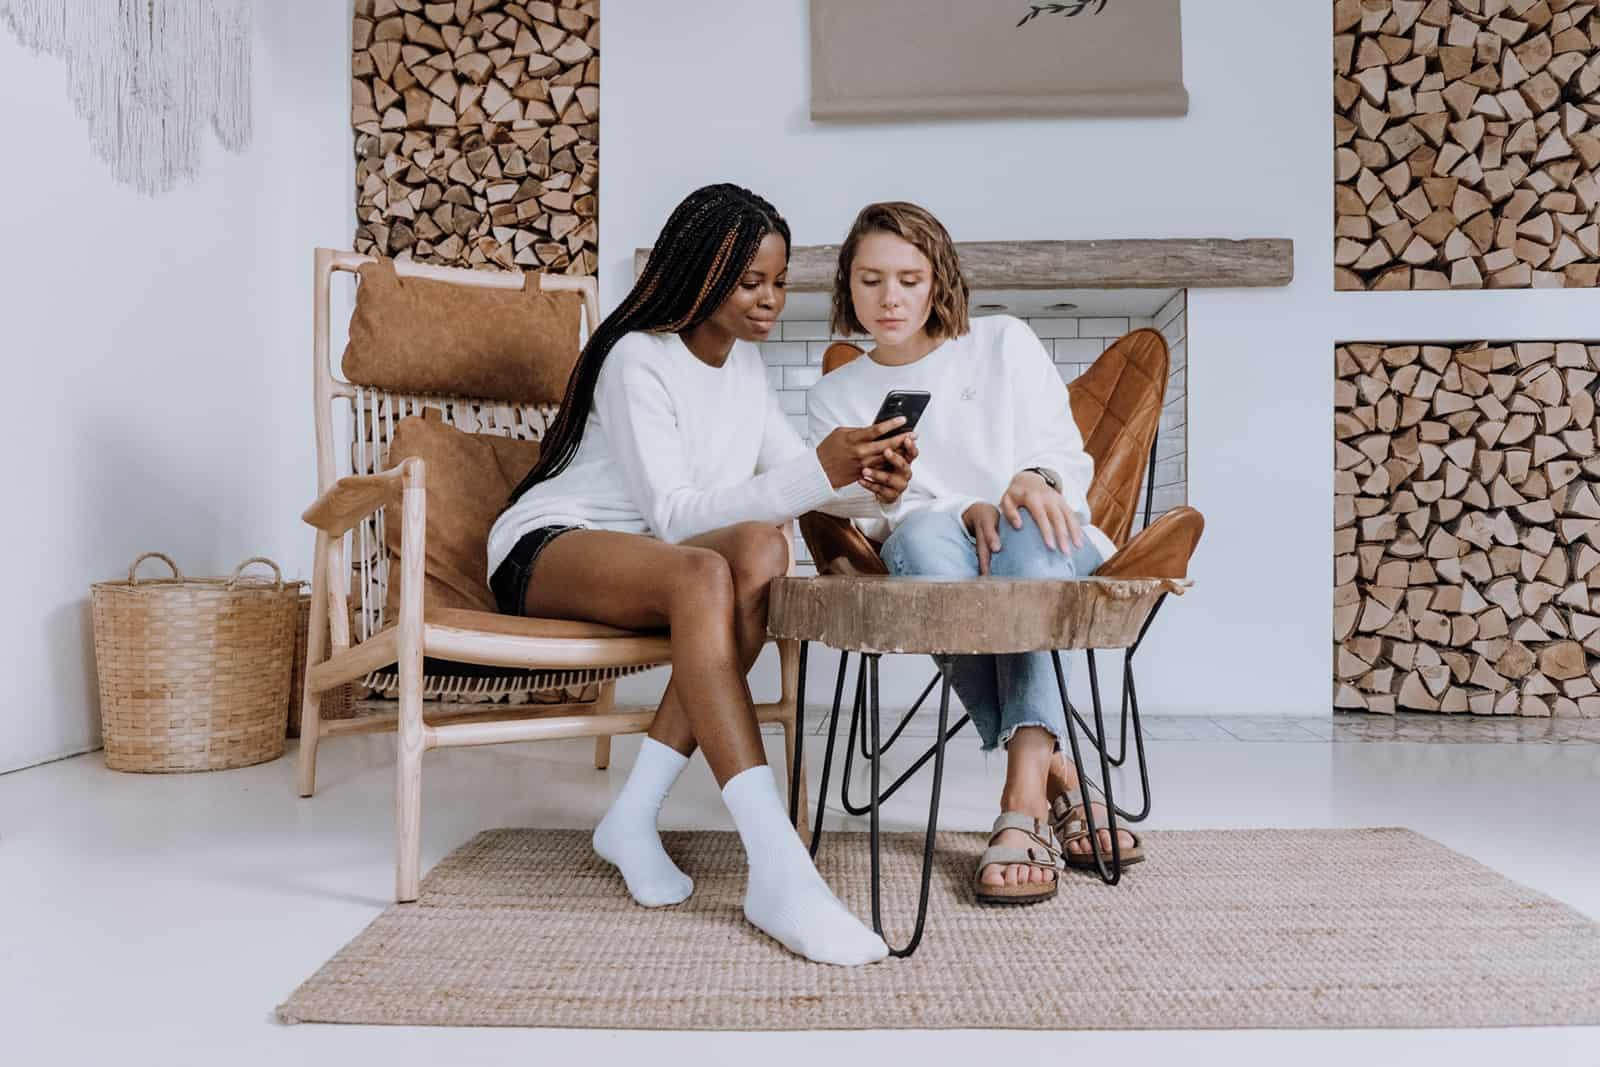 Frau zeigt etwas auf einem Smartphone zu ihrer Freundin, die neben ihr sitzt